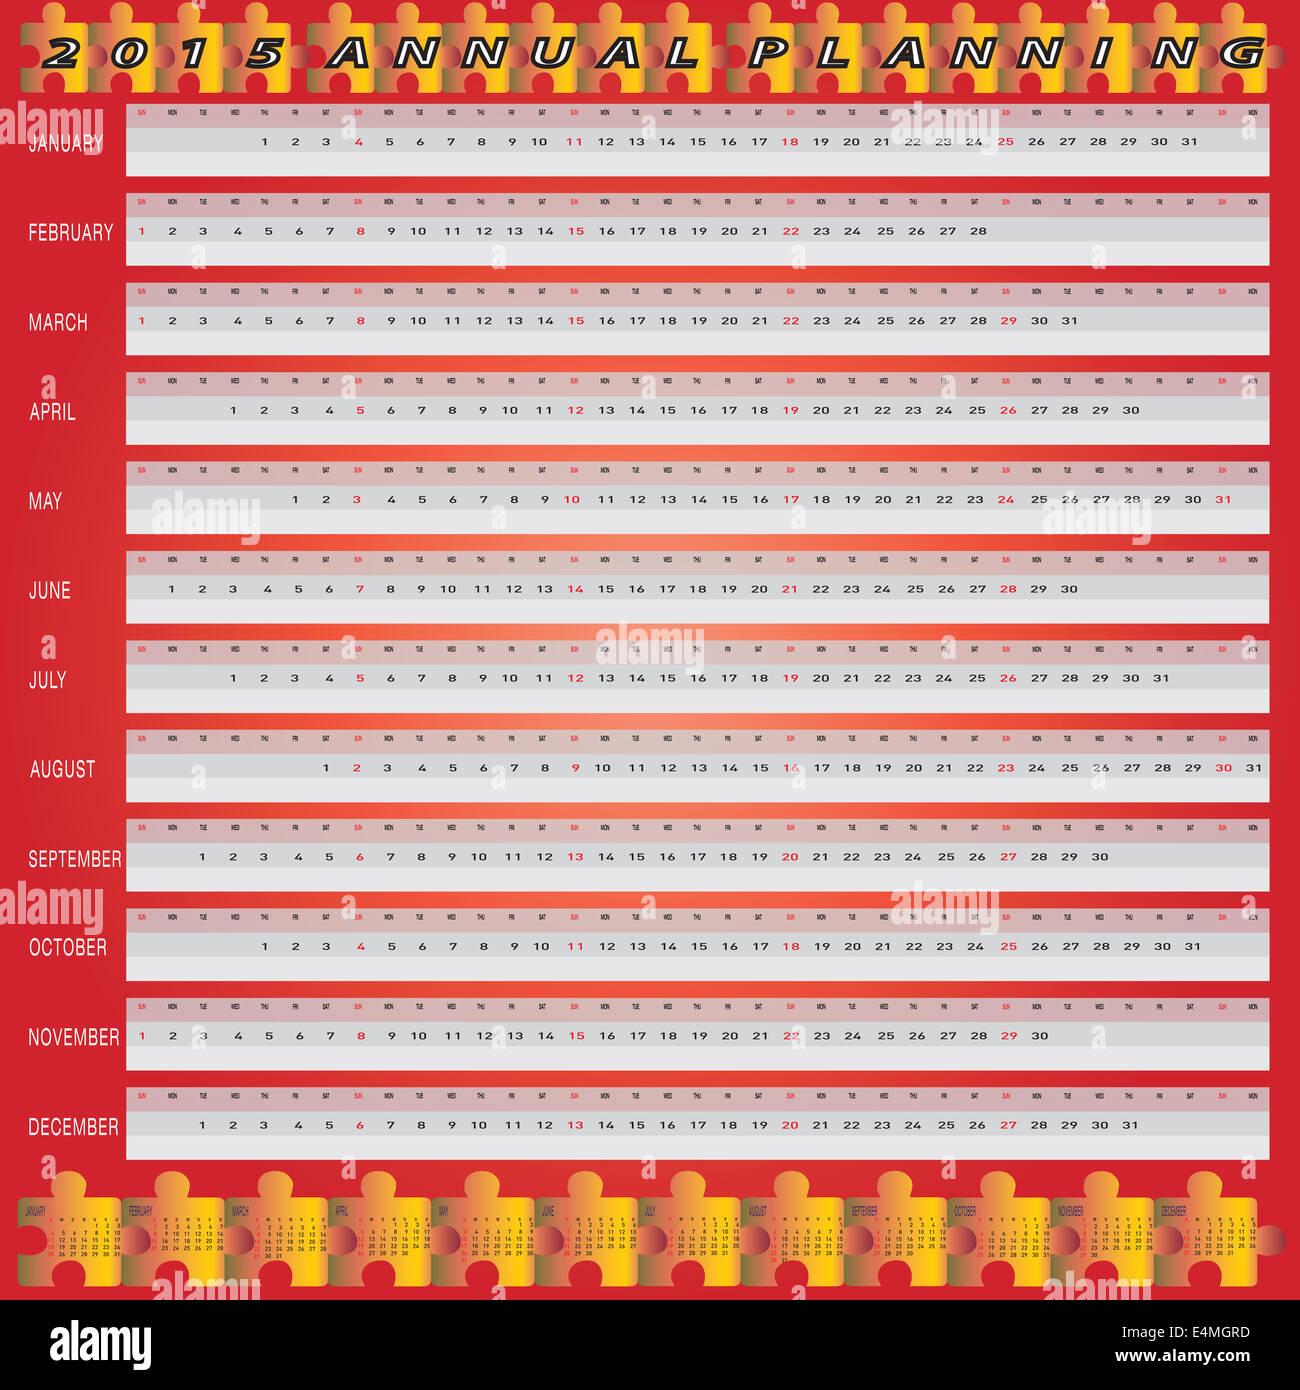 Calendario Anno 2015.Il Vettore Di Anno 2015 Calendario Annuale Di Pianificazione